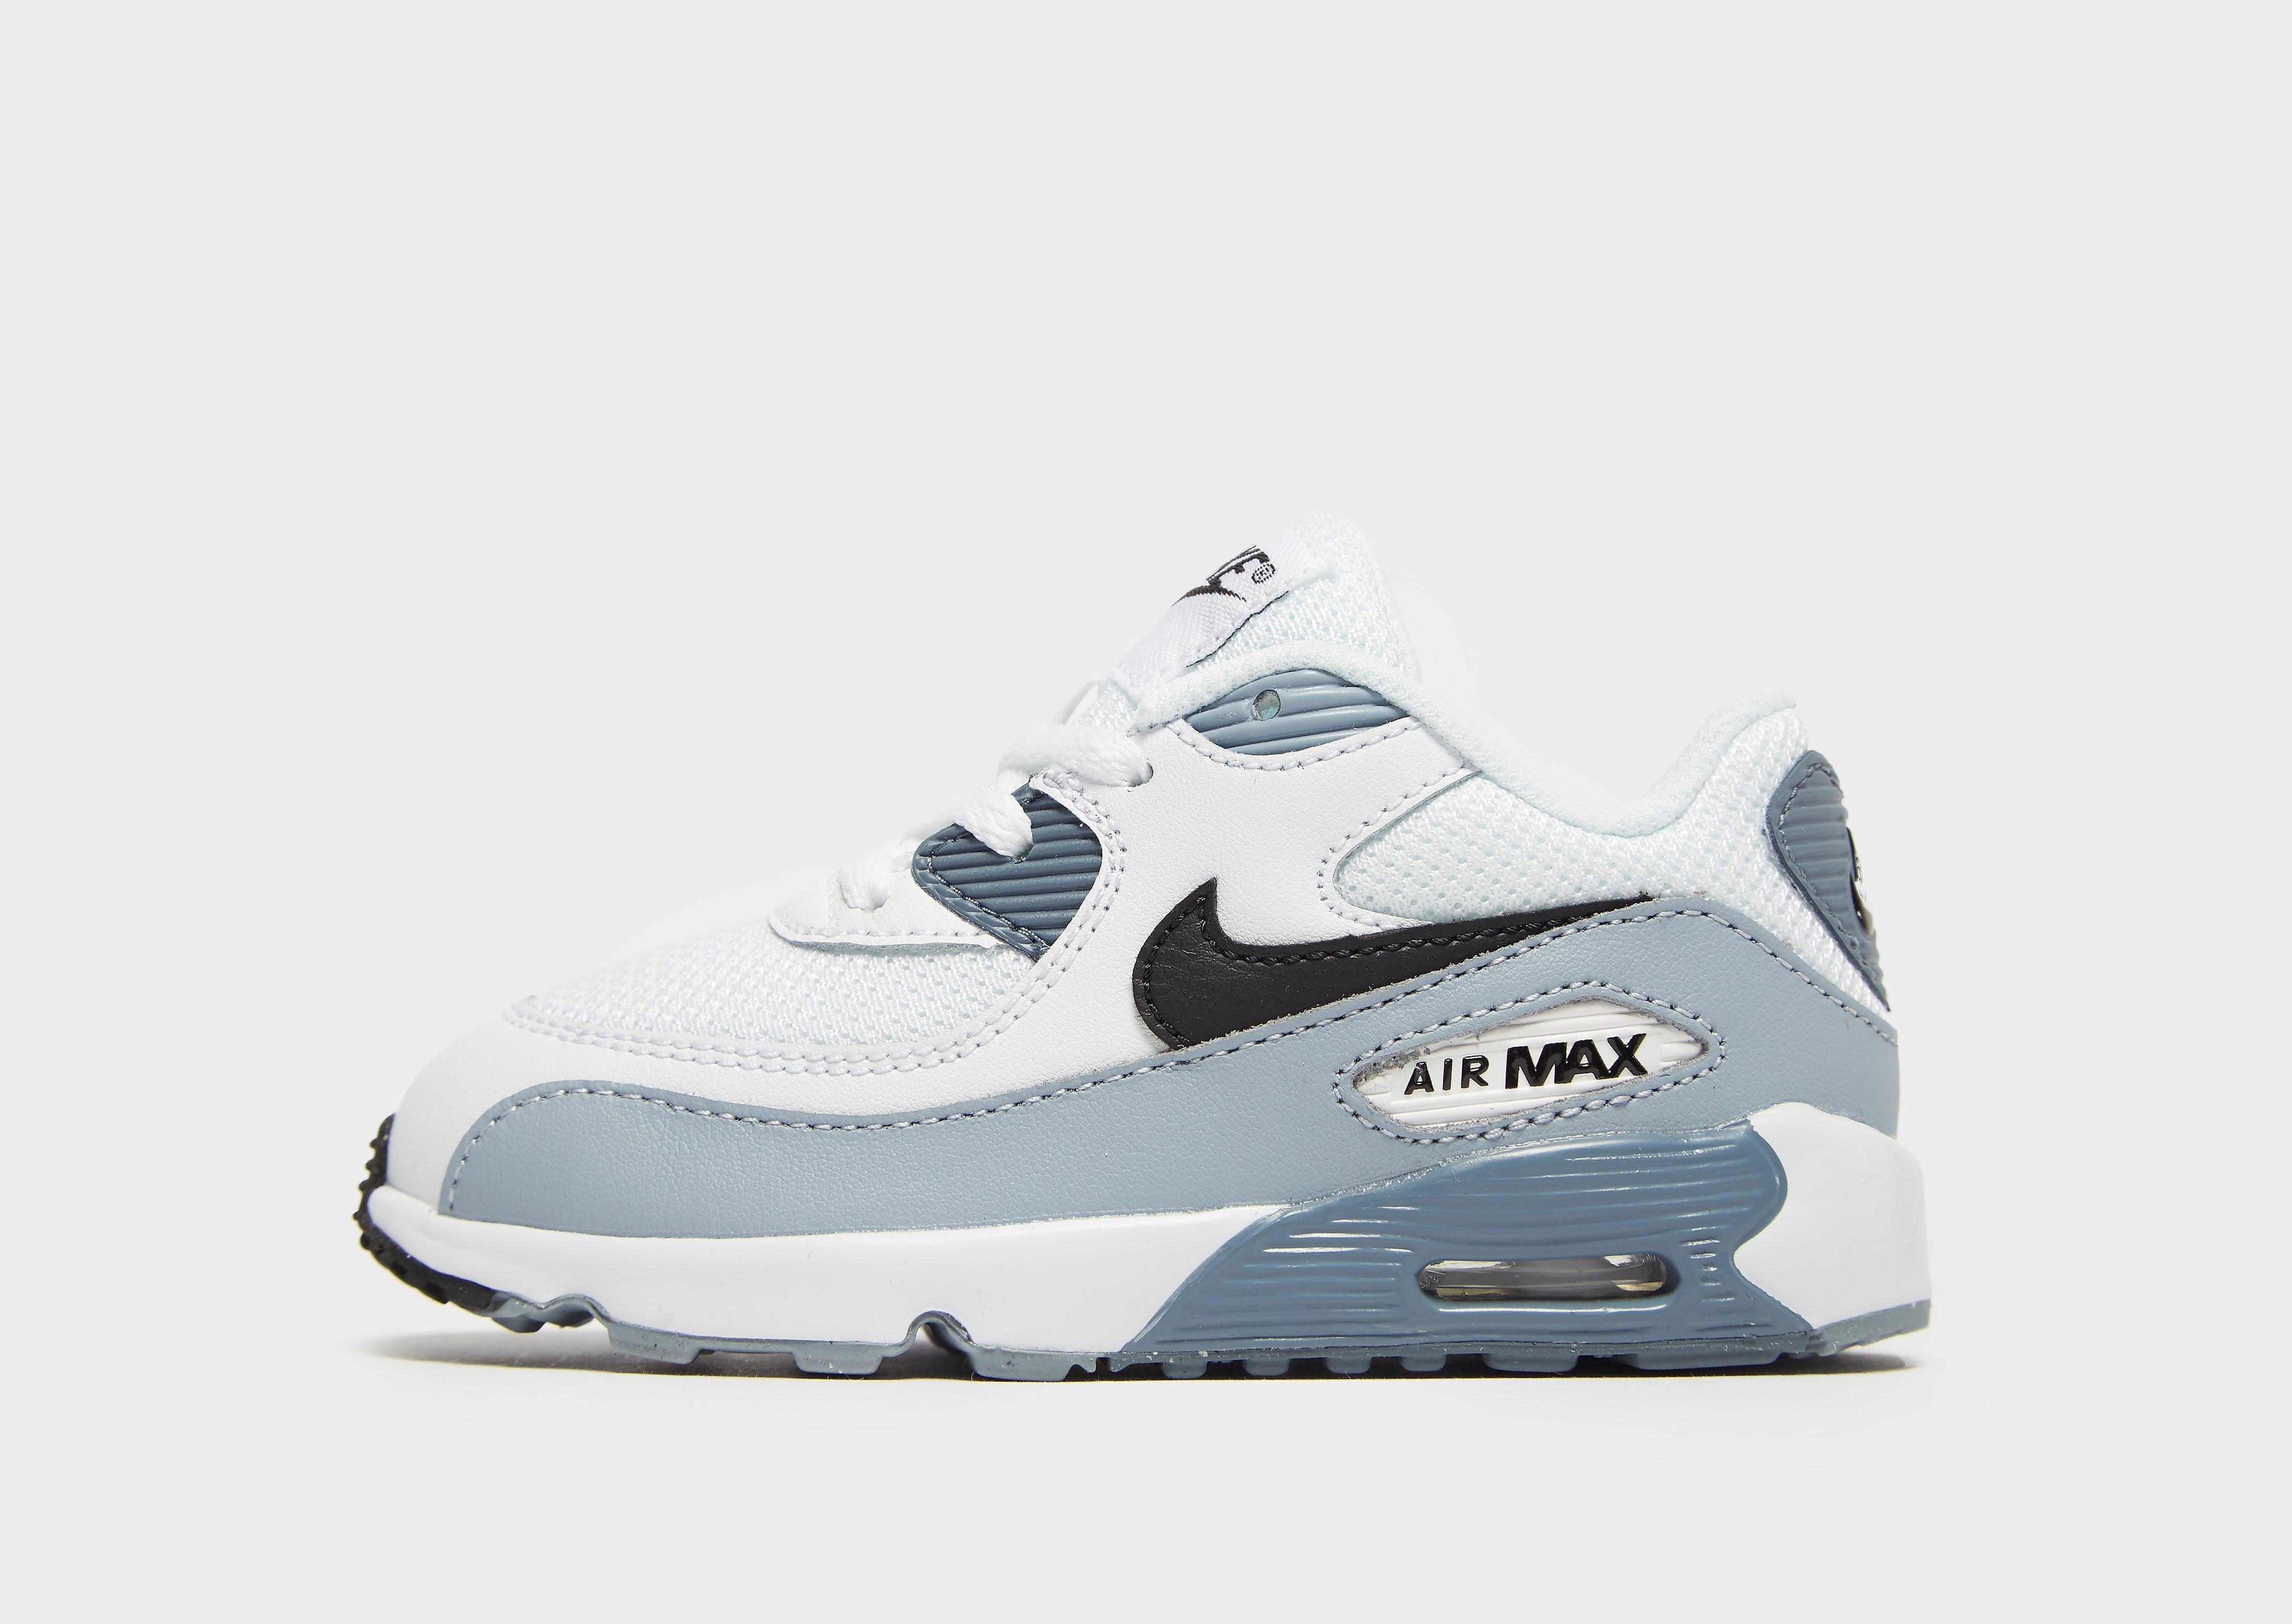 Nike Air Max 90 kindersneaker wit, zwart en grijs